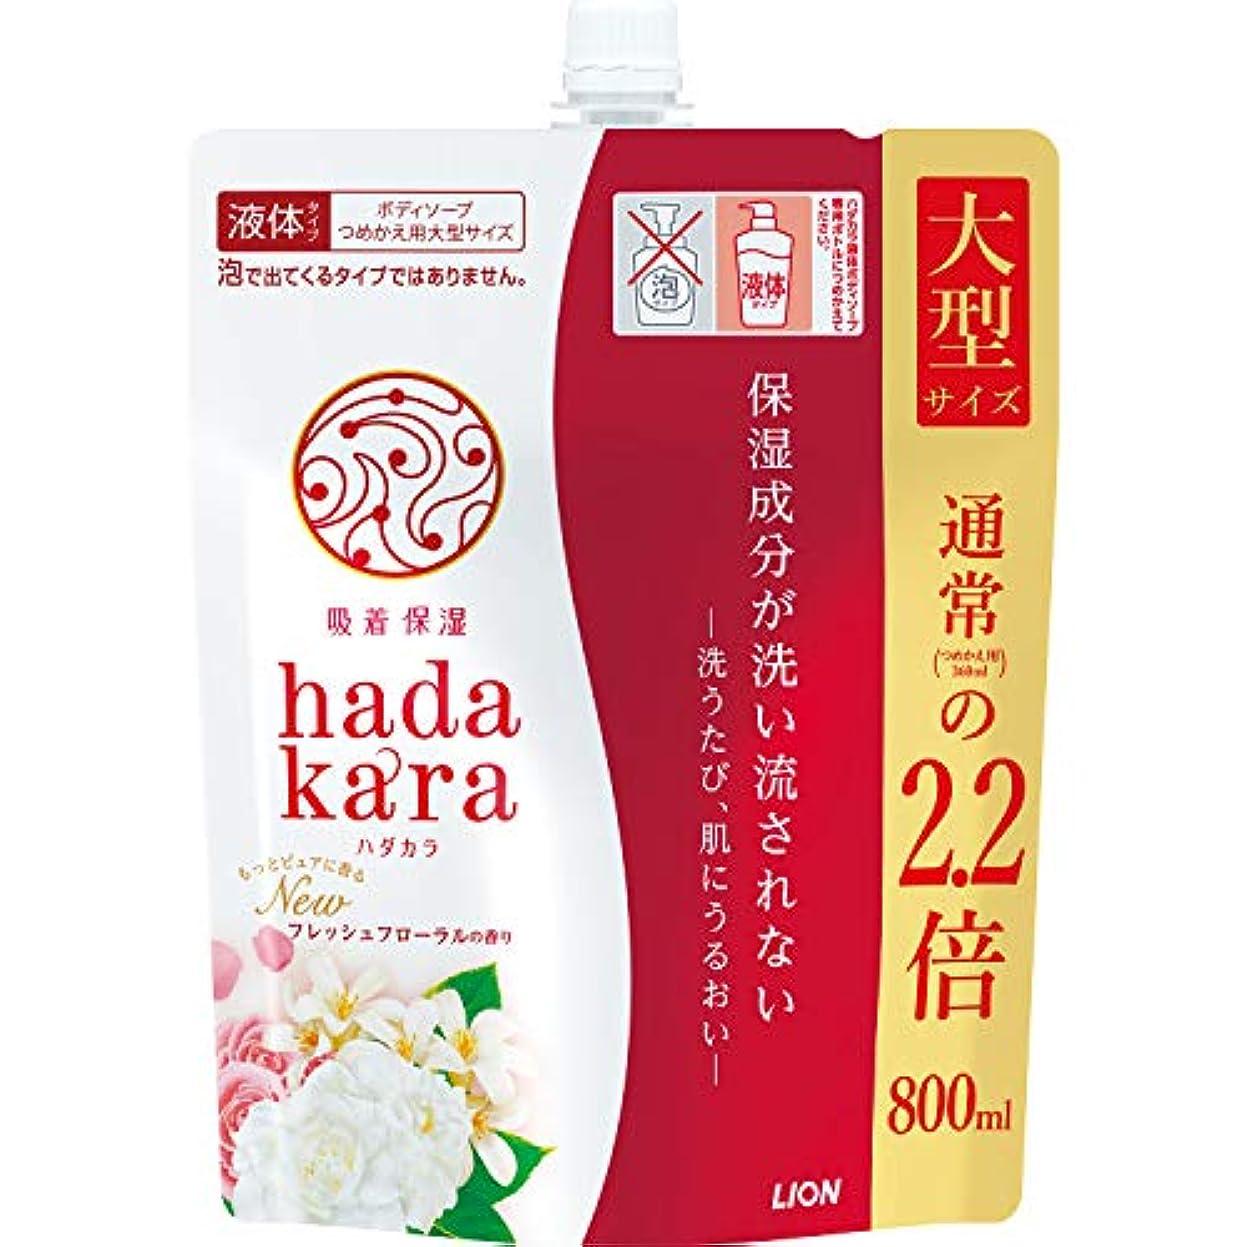 観客夢中プロペラhadakara(ハダカラ) ボディソープ フレッシュフローラルの香り つめかえ用大型サイズ 800ml